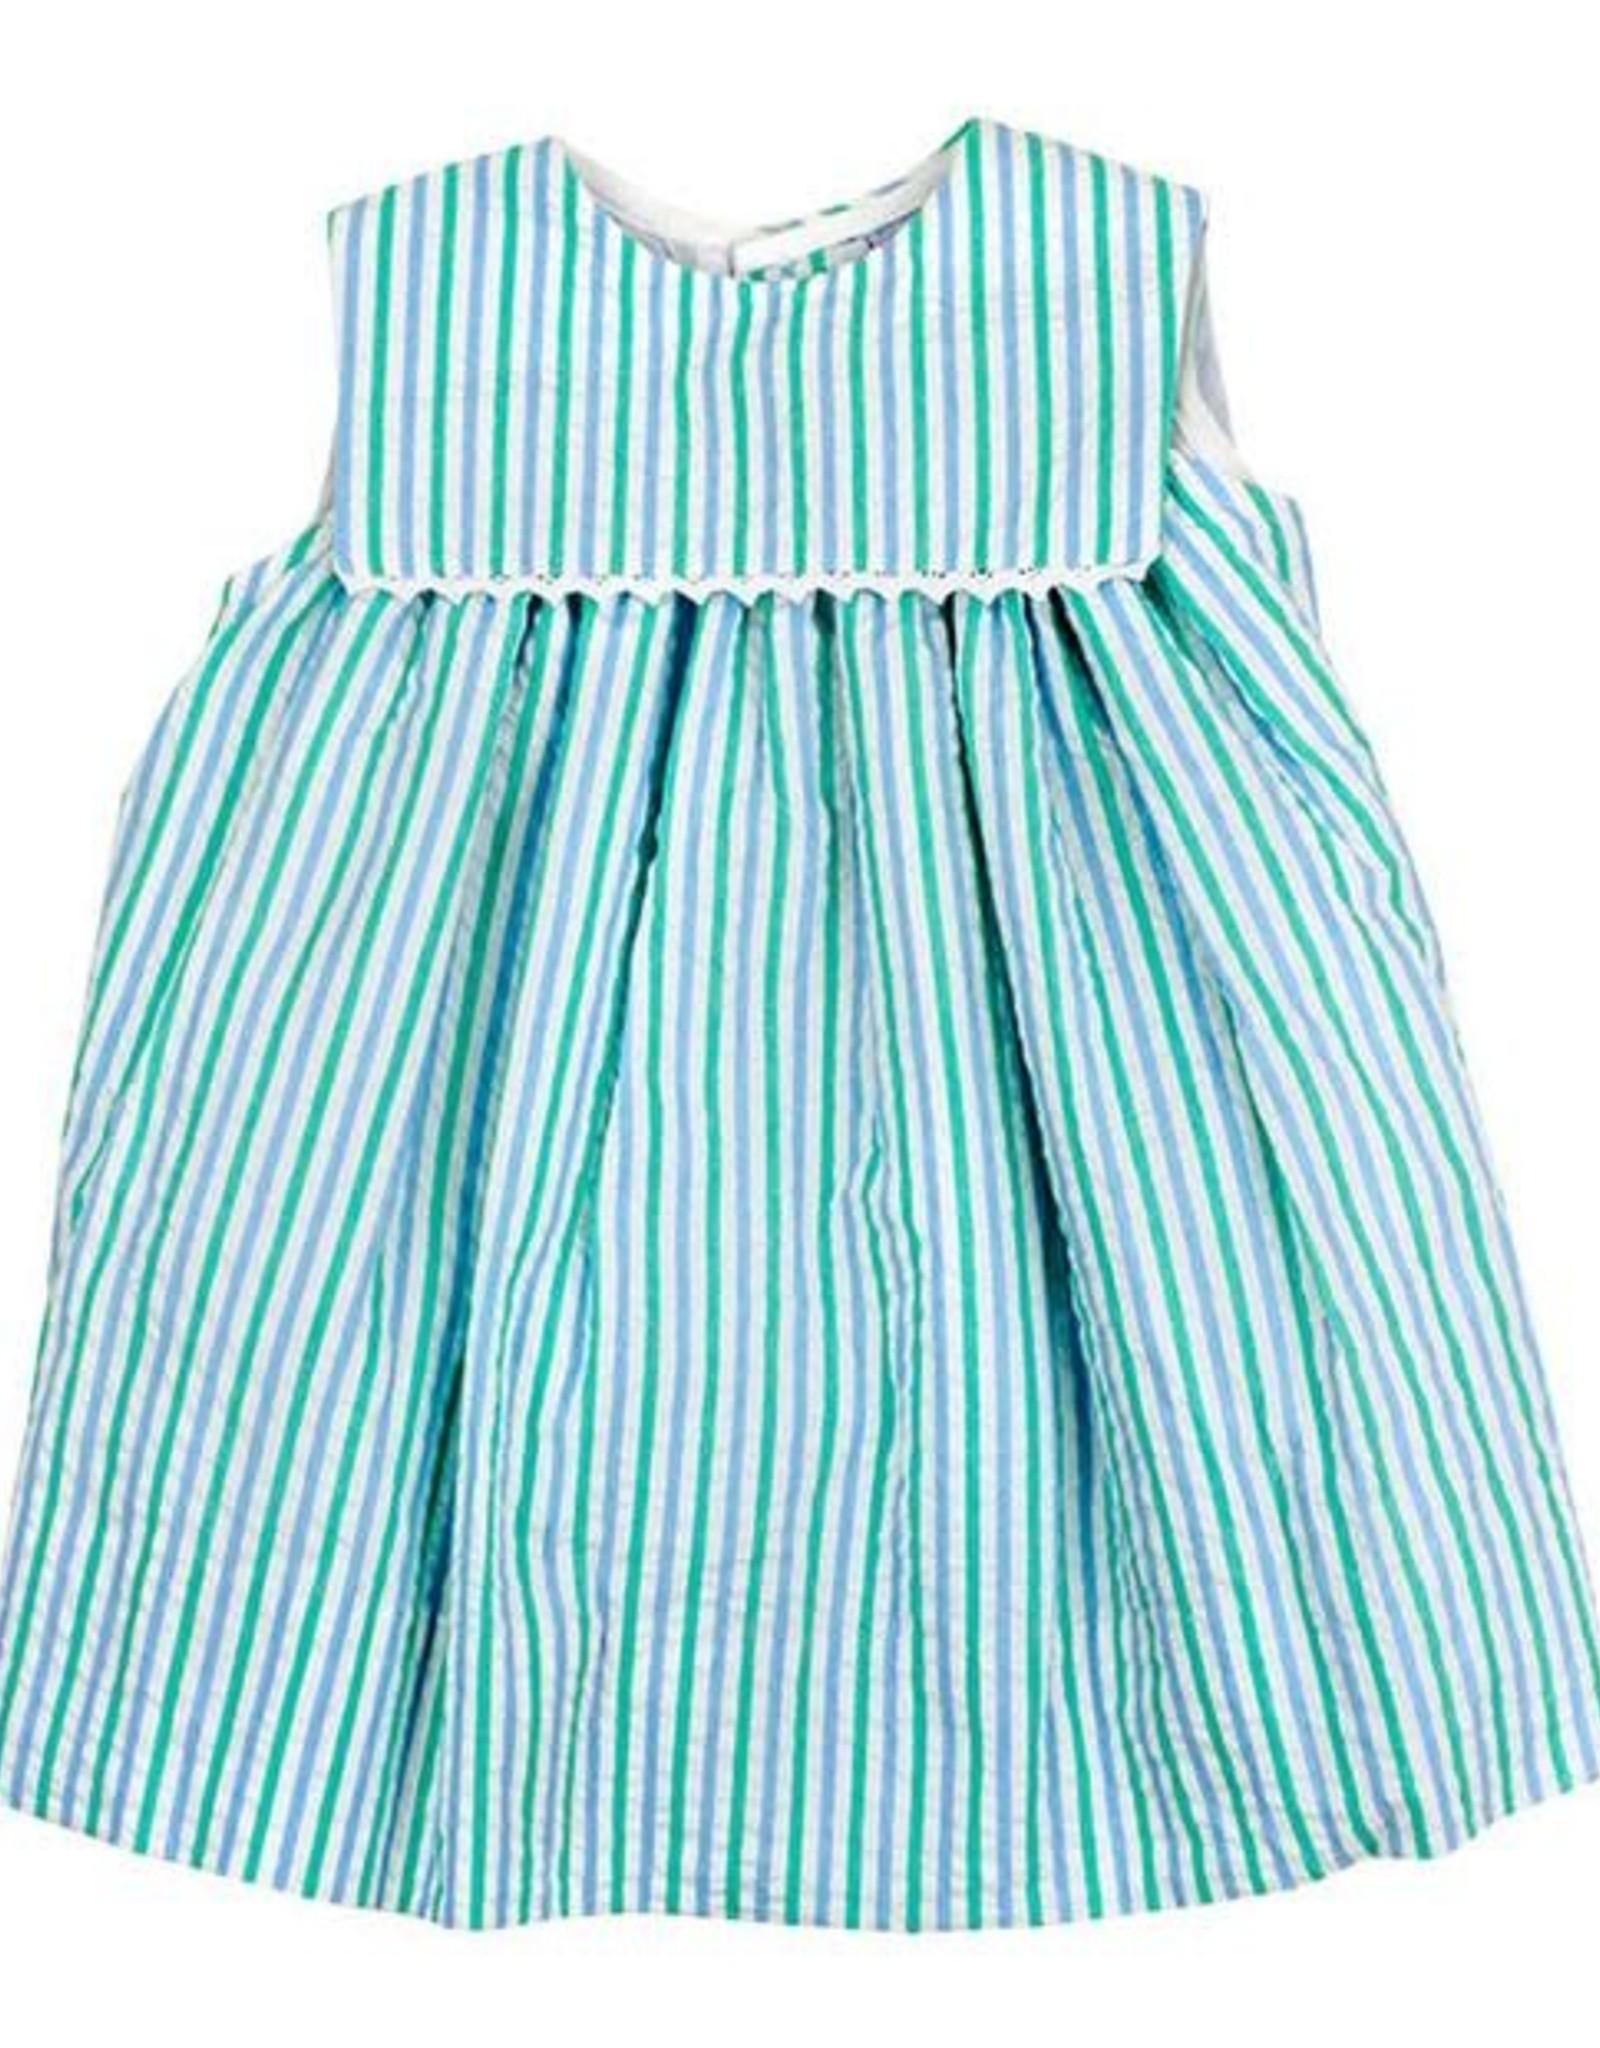 The Bailey Boys Mint Seersucker, Float Dress